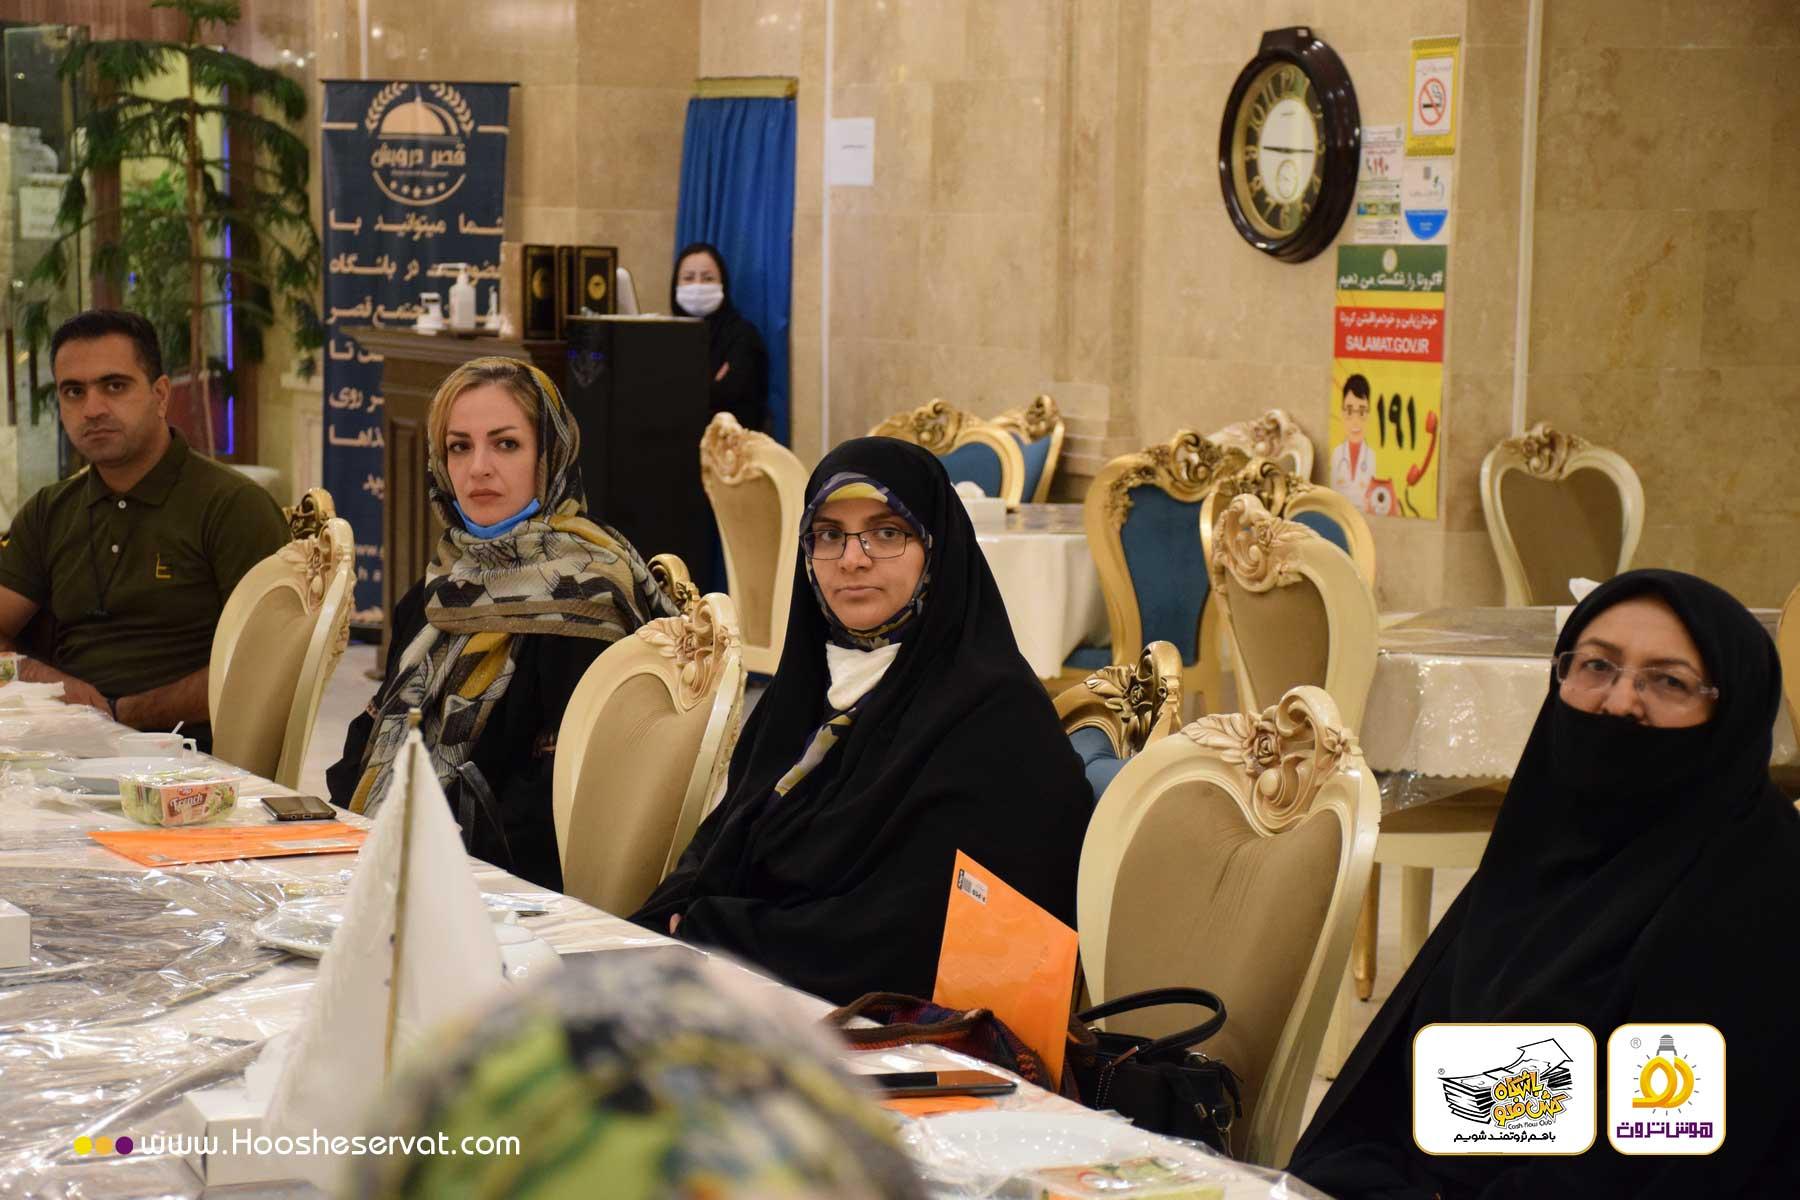 برگزاری مراسم سالگرد سرمایه گذاری جمعی در پروژه فرهنگی آموزشی بازی کش فلو